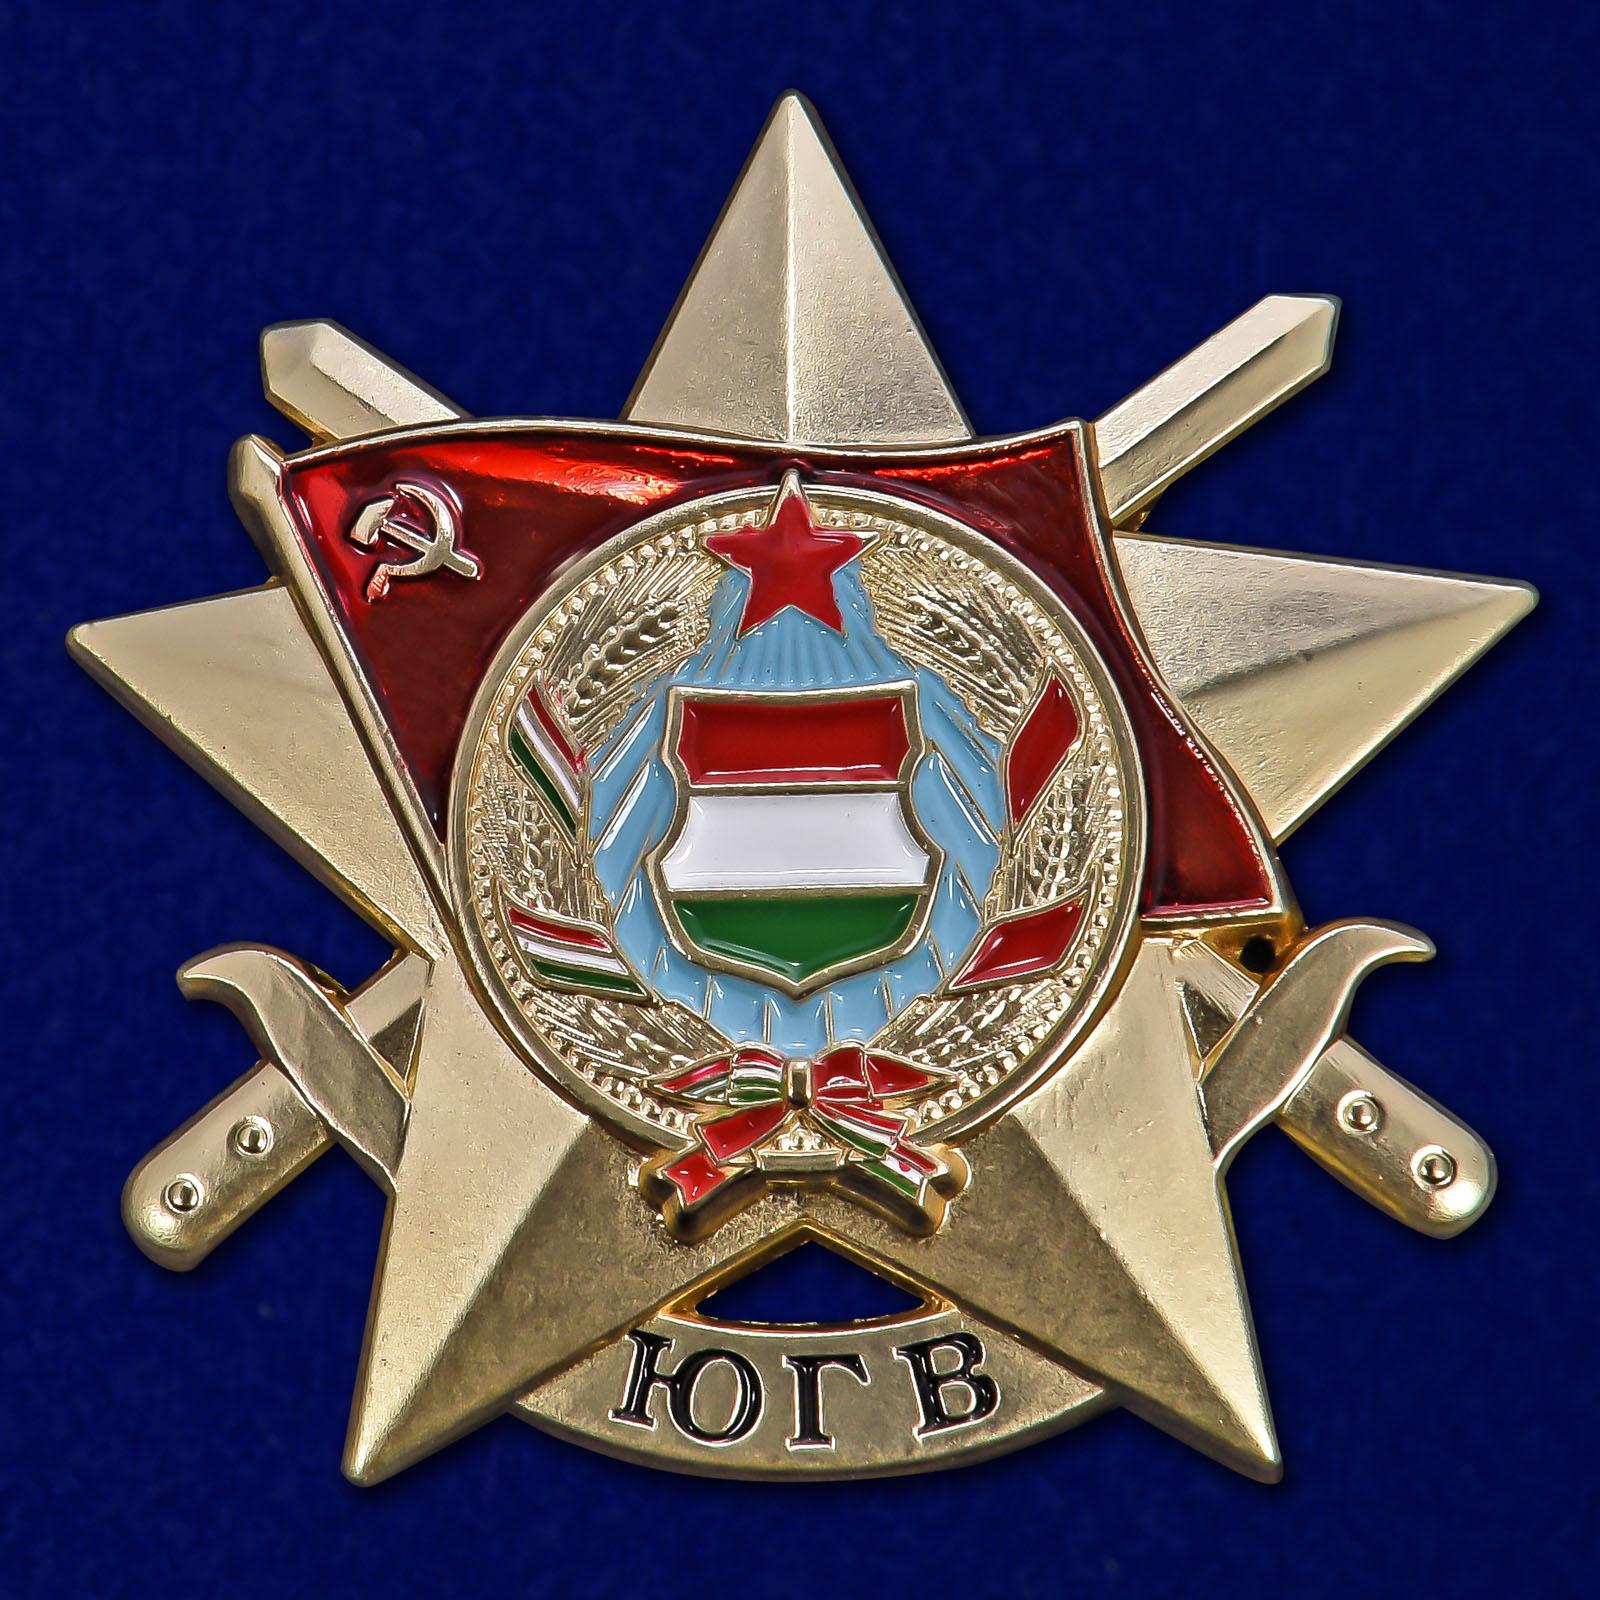 Латунная звезда ЮГВ (Венгрия) - общий вид